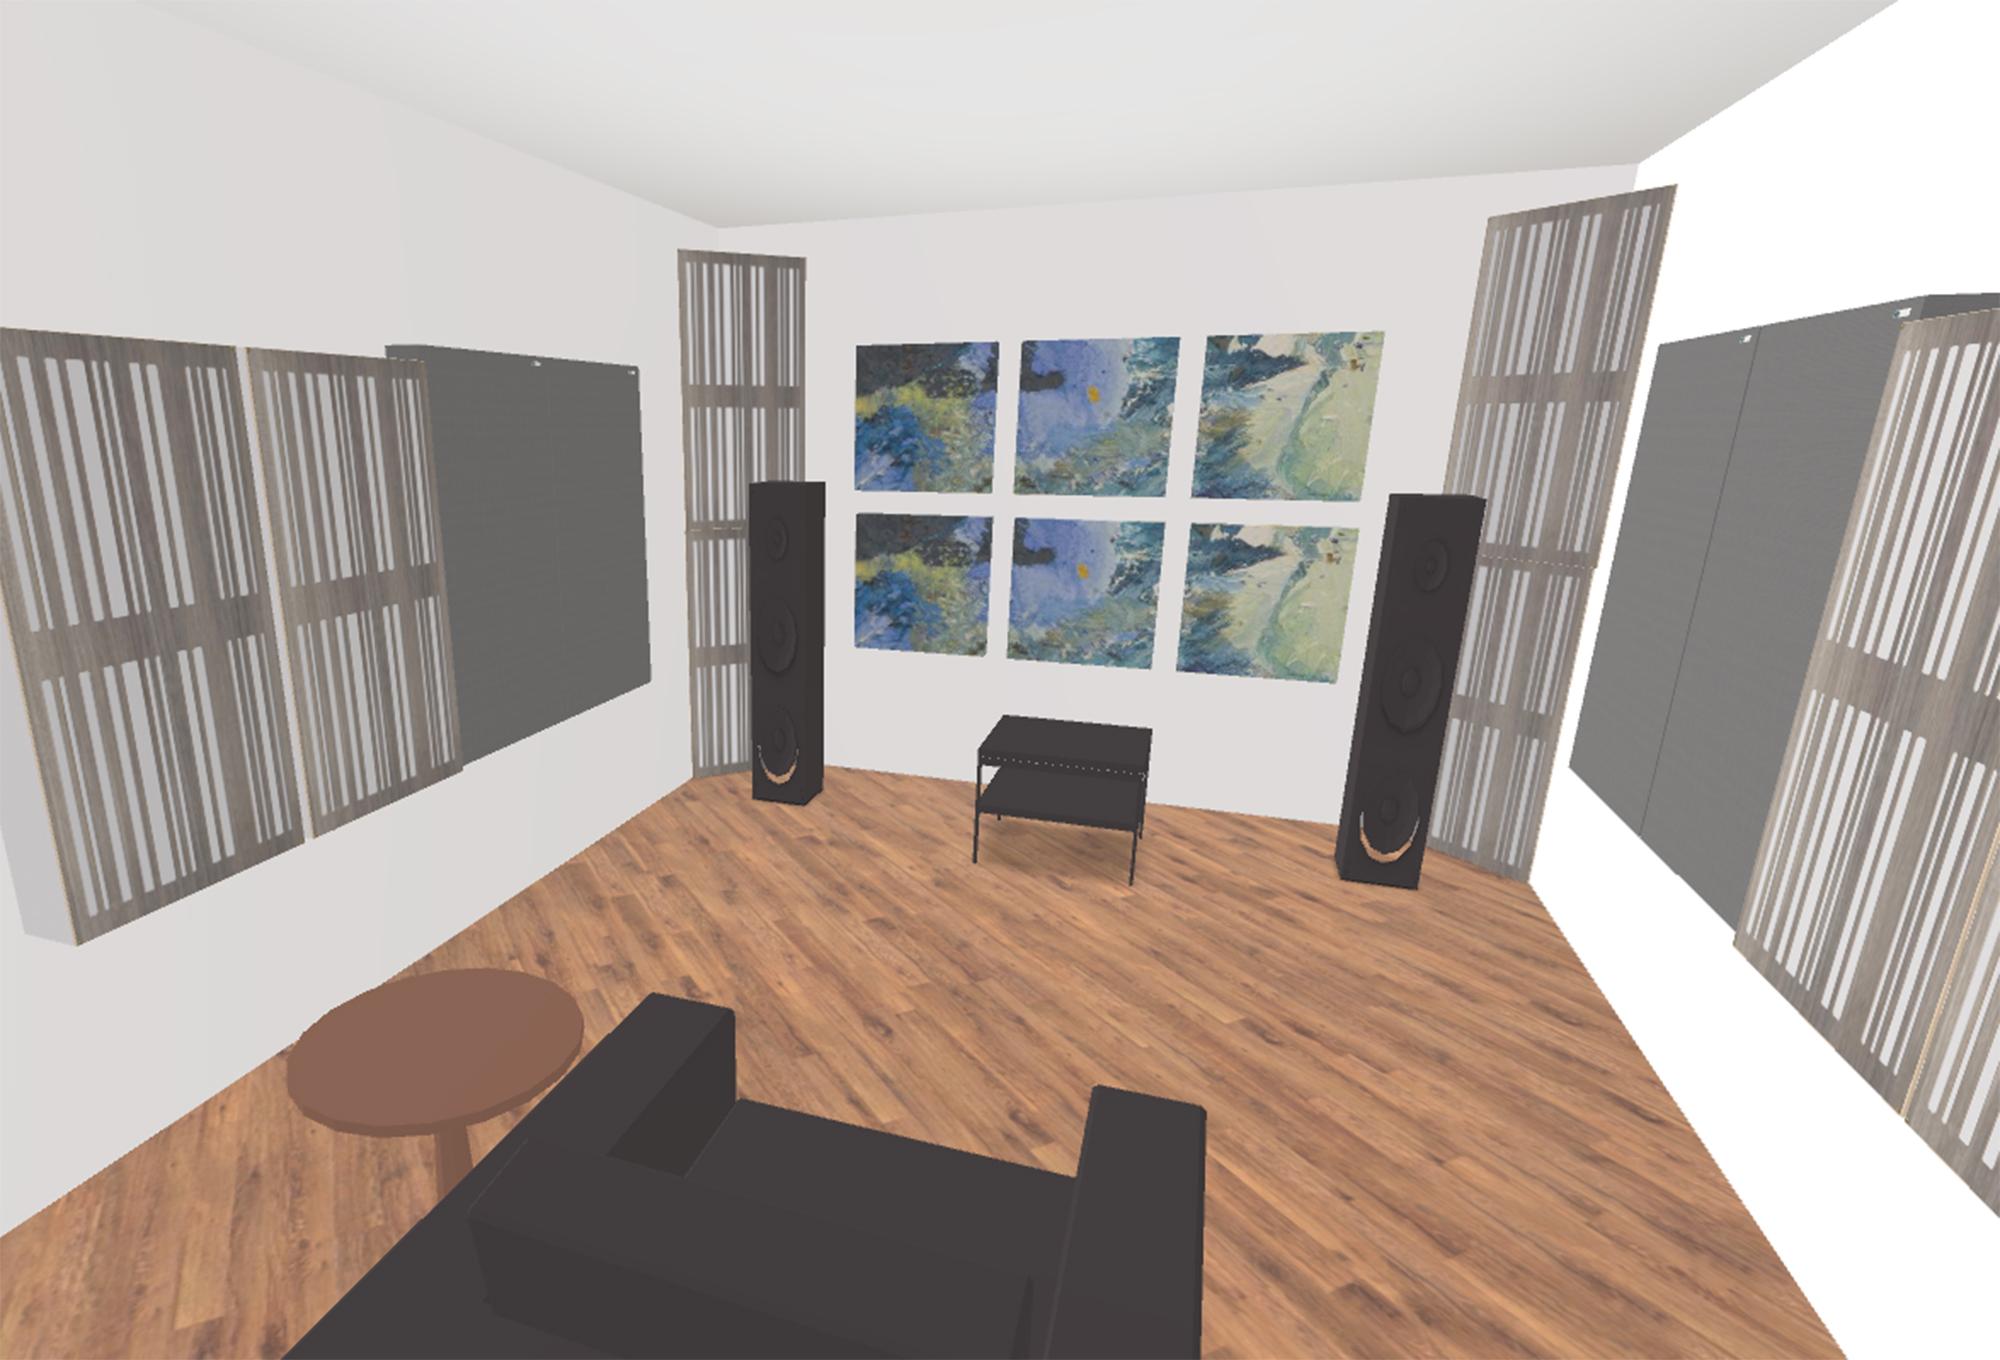 Sala d'ascolto Hi-Fi